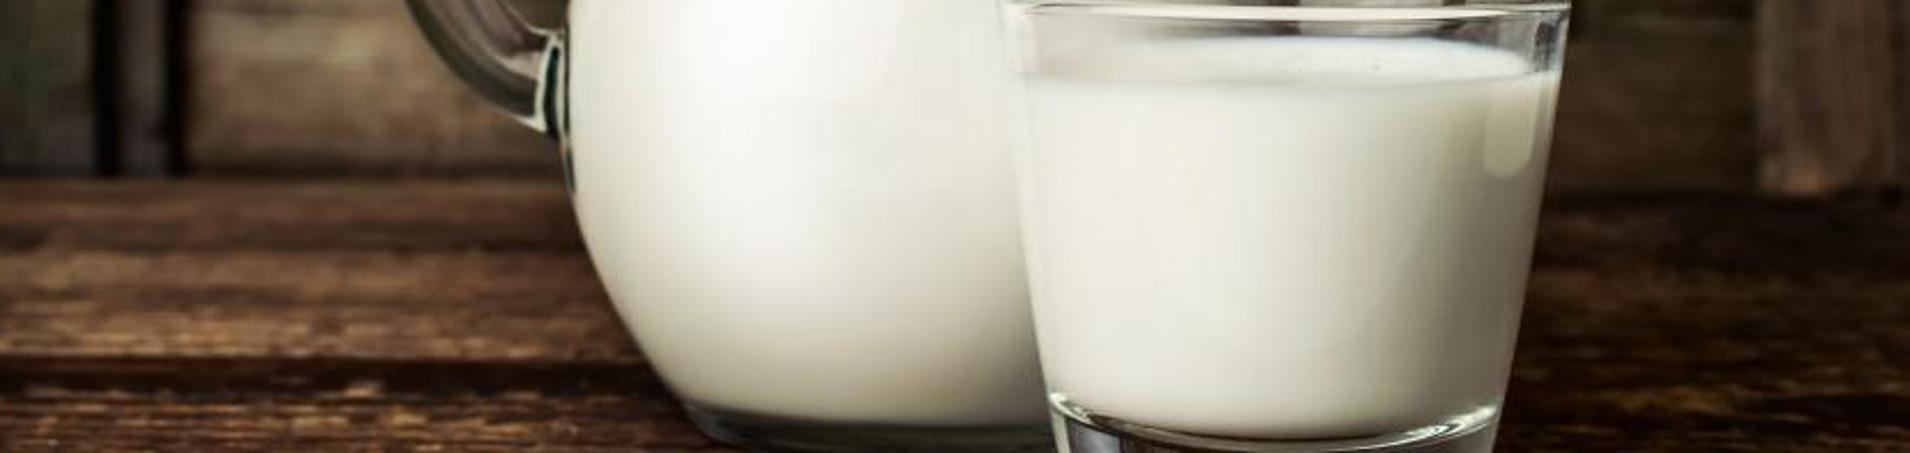 SB Italia Centrale del latte Brescia